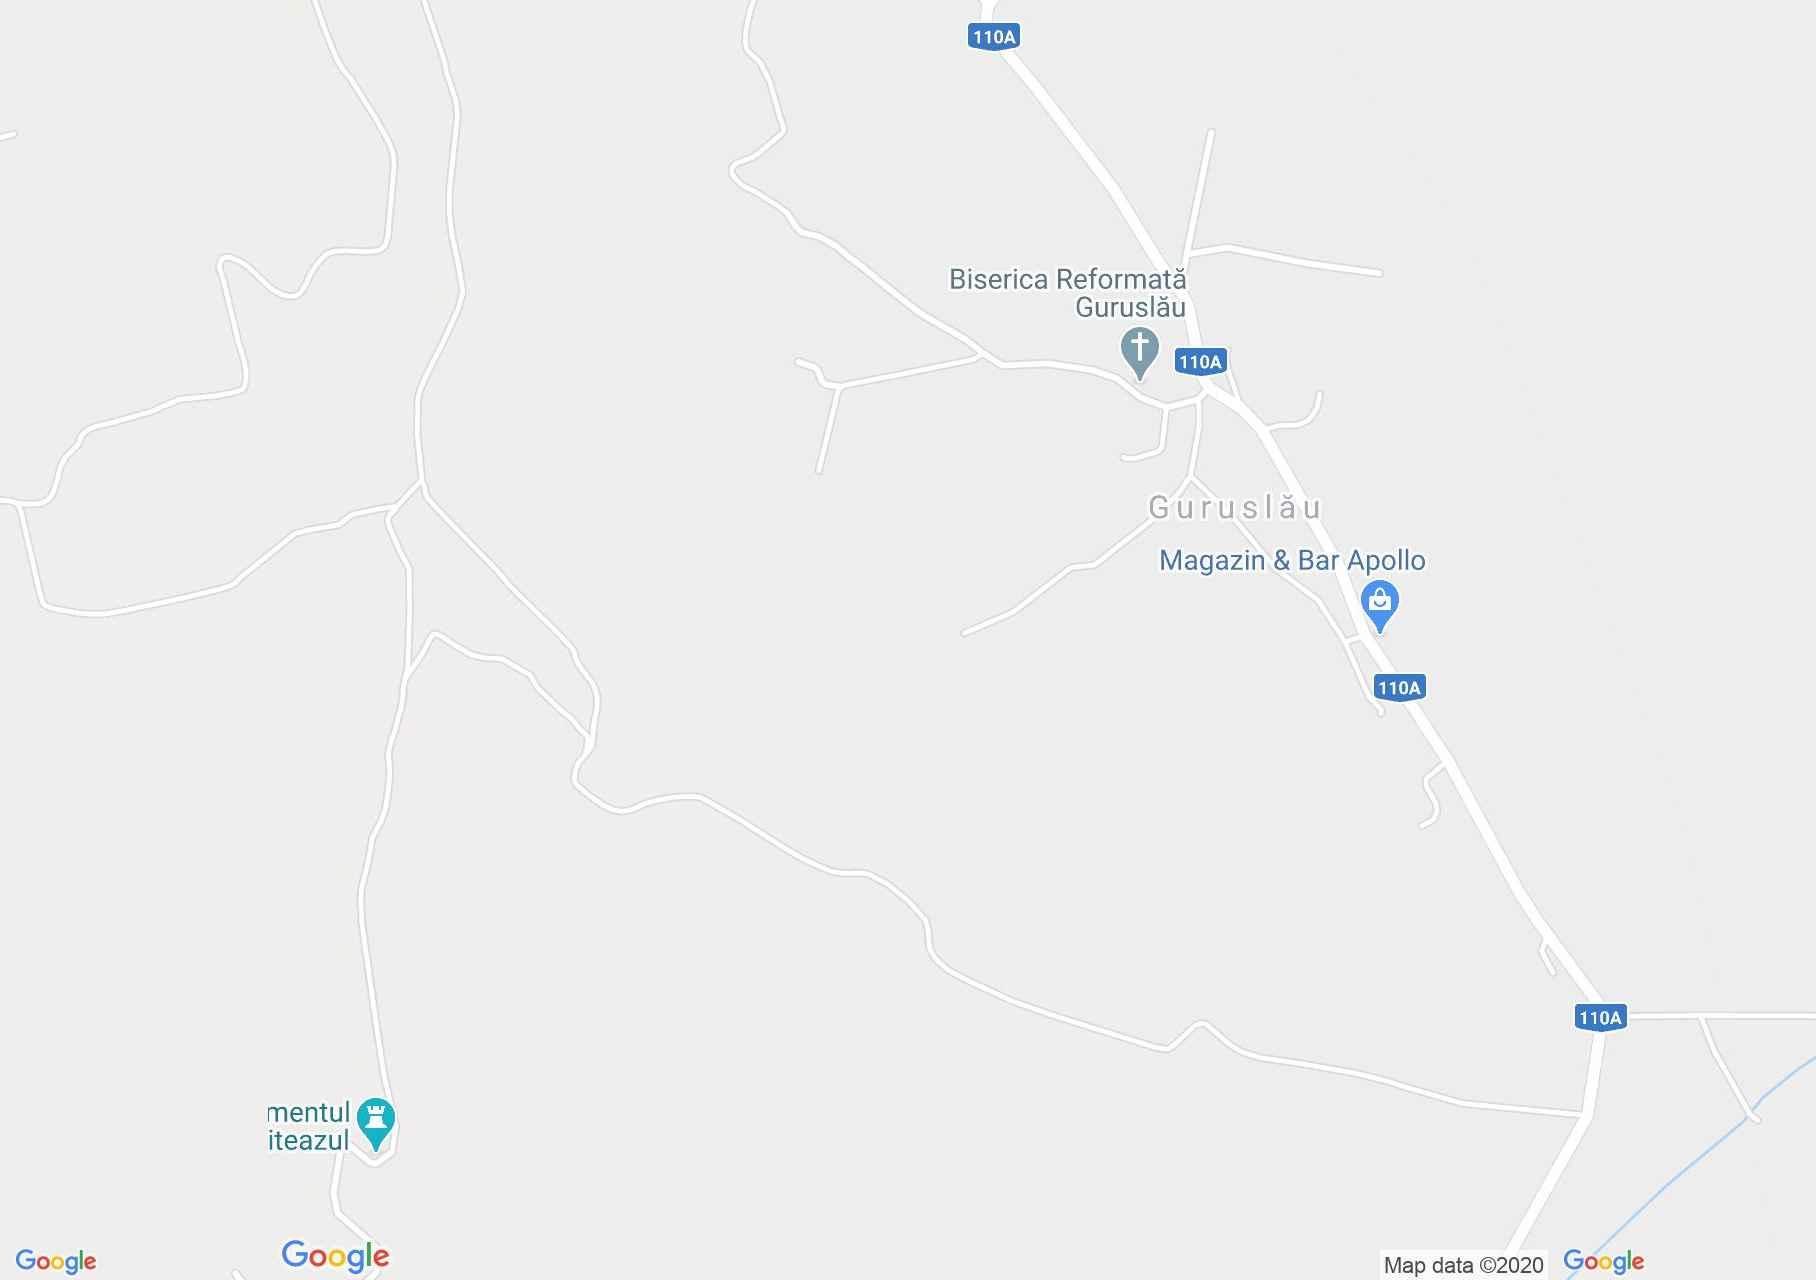 Guruslau, Interactive tourist map